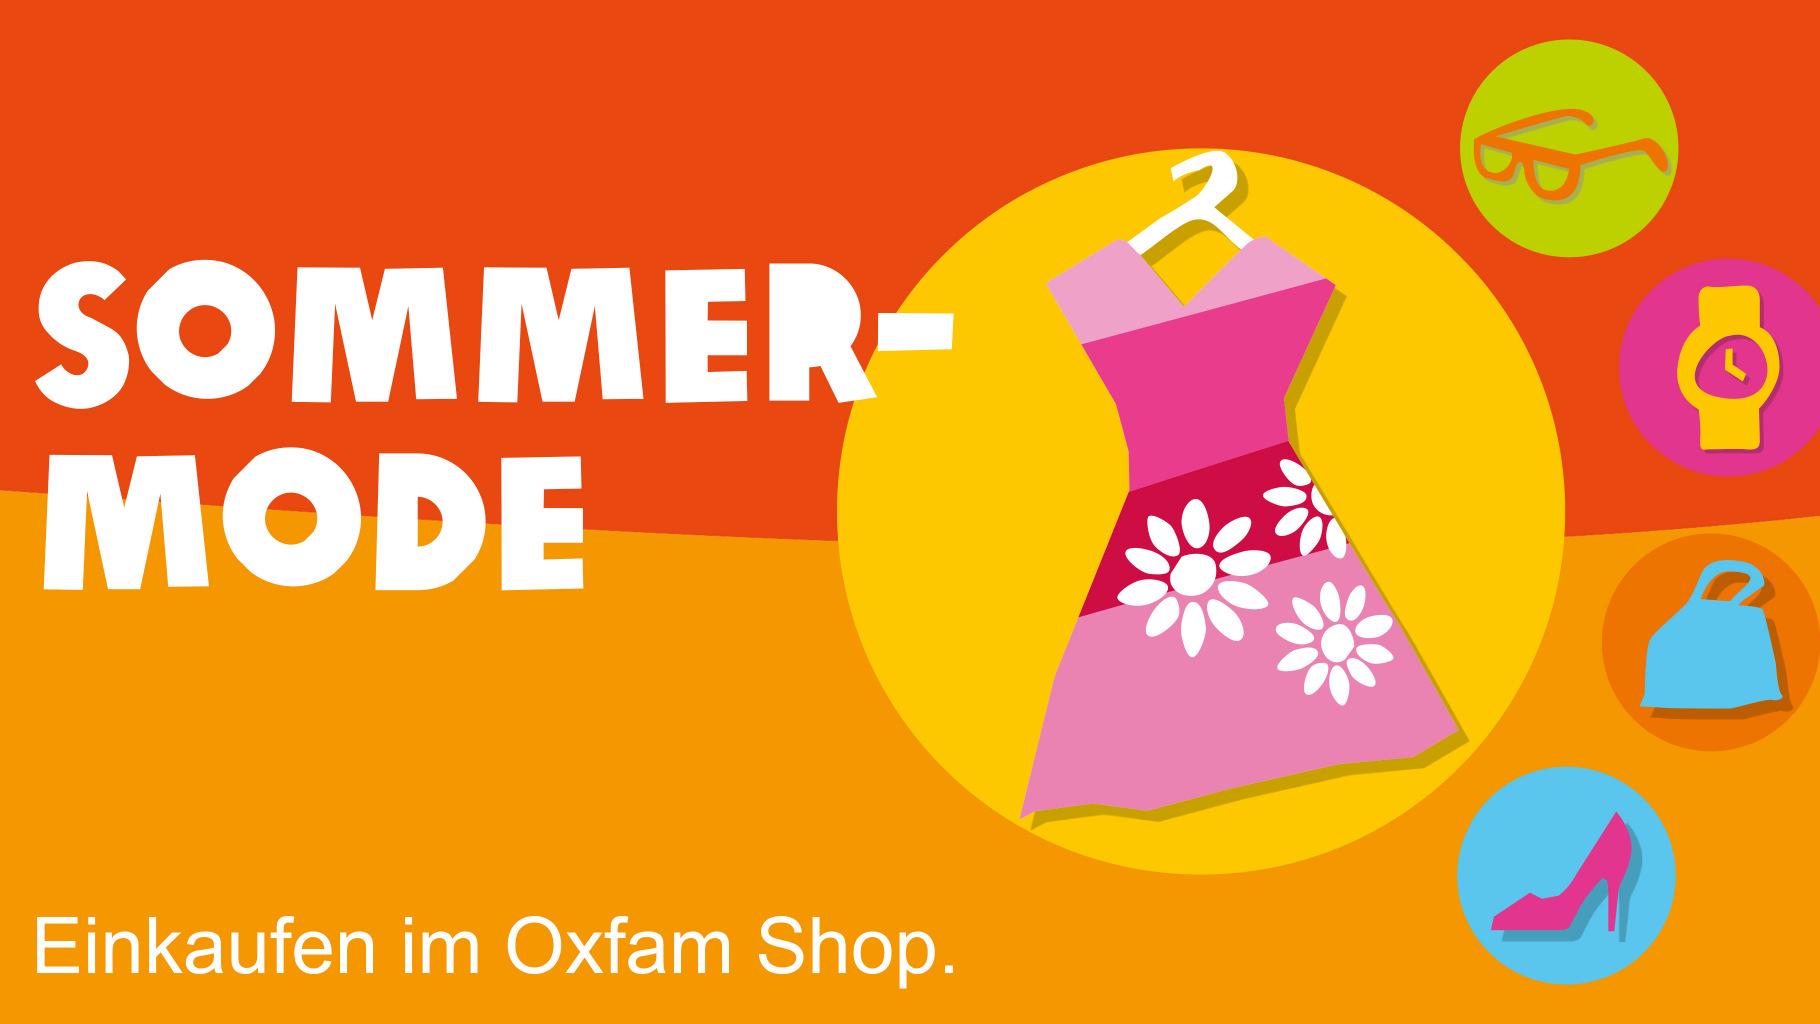 Sommermode gibt es im Oxfam Shop